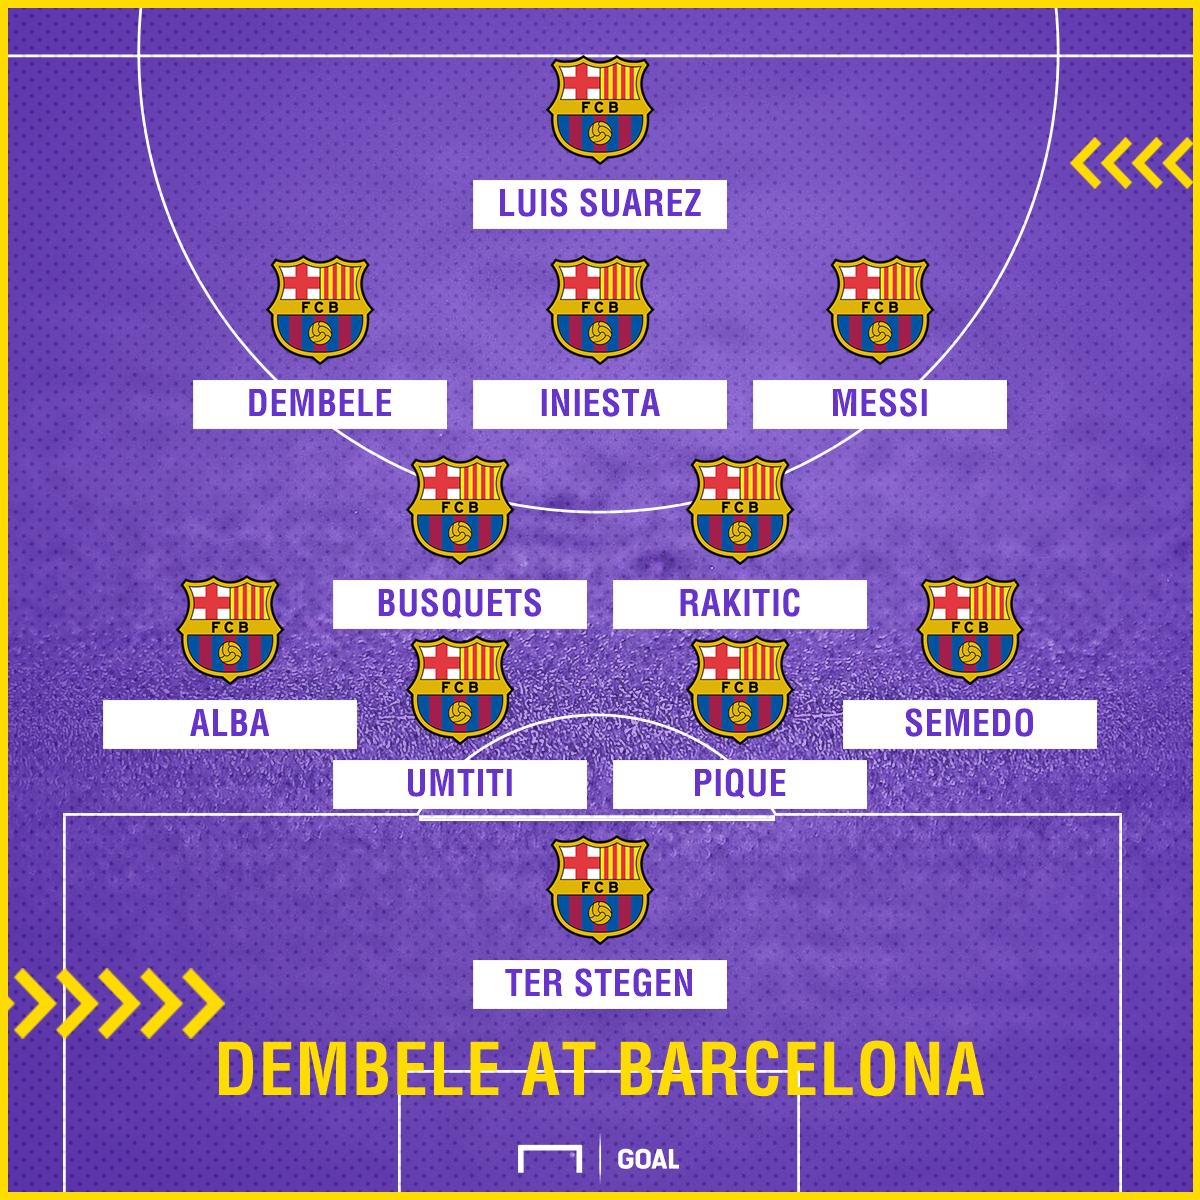 Dembele at Barca 4-2-3-1